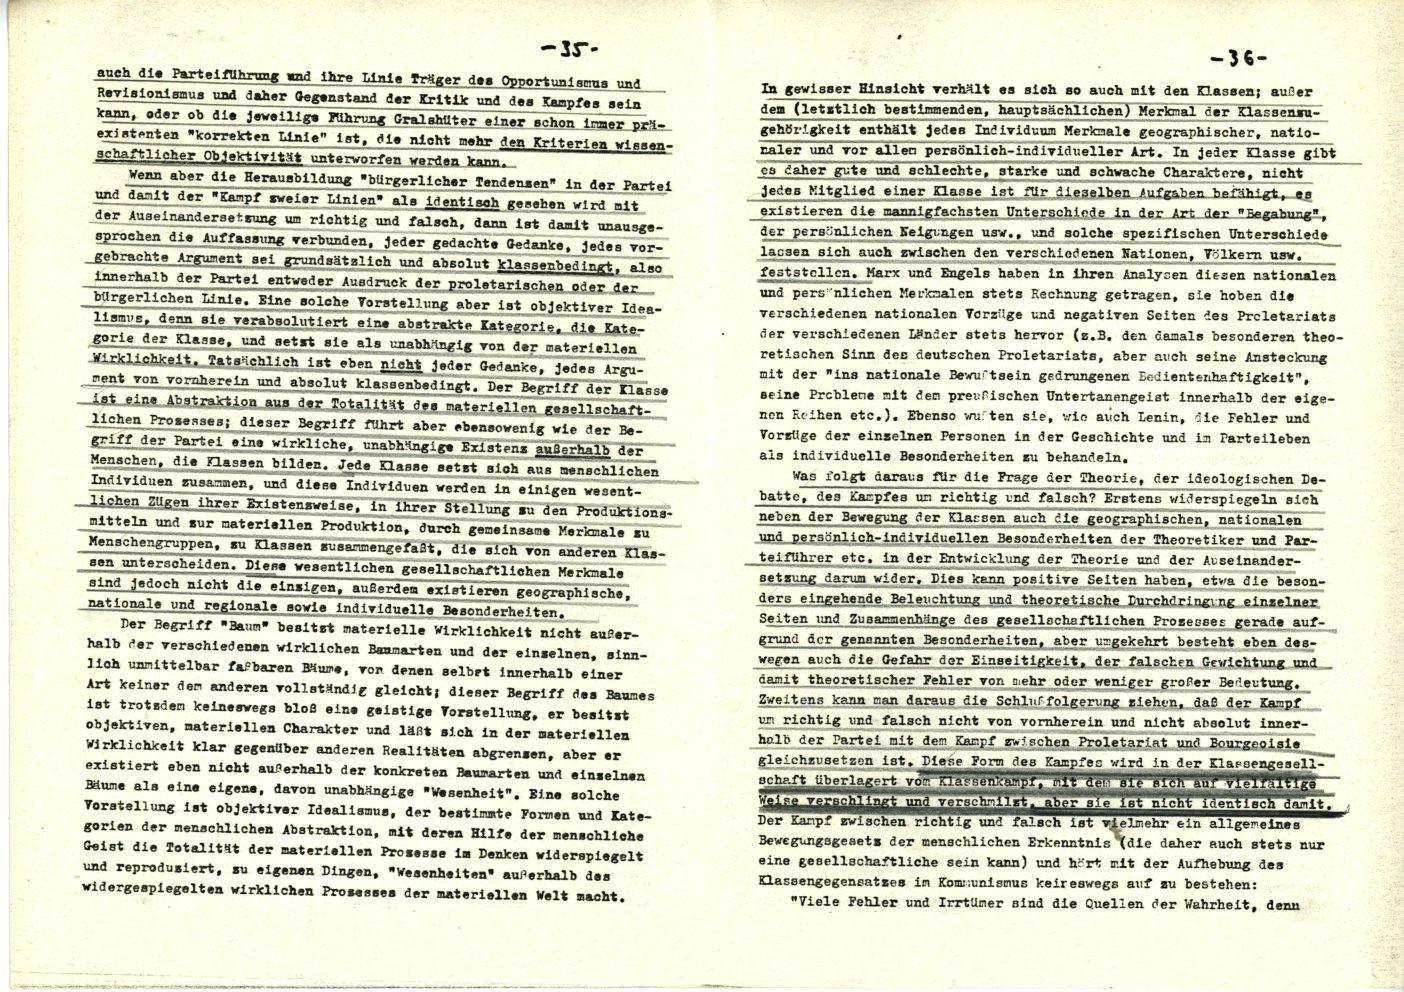 Nuernberg_Fuerth_Erlangen_ML_Diskussionsbeitraege_1978_01_19